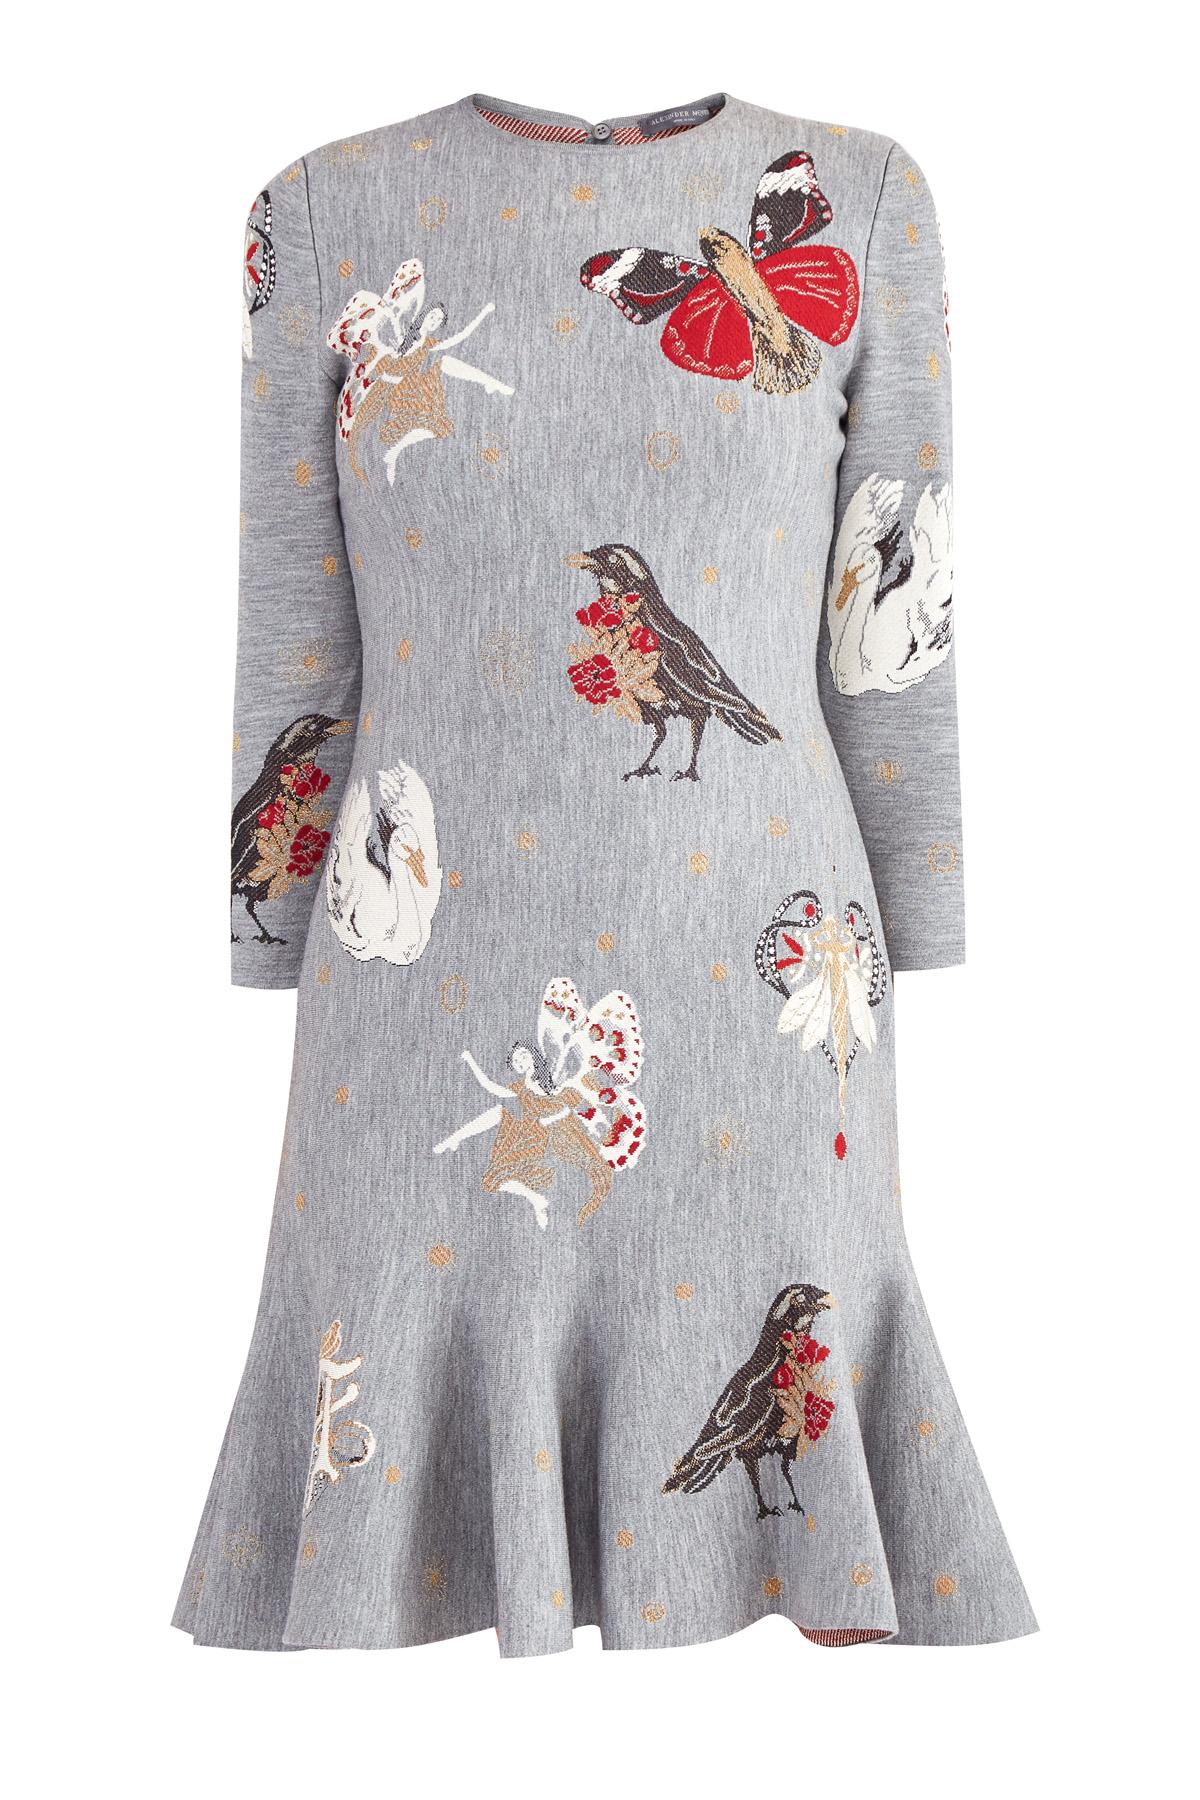 Платье с жаккардовой вышивкой в готическом стиле, ALEXANDER MCQUEEN, Италия, шелк 42%, шерсть 39%, полиамид 8%, металлическое волокно 5%, полиэстер 5%, .Экокожа 1%  - купить со скидкой